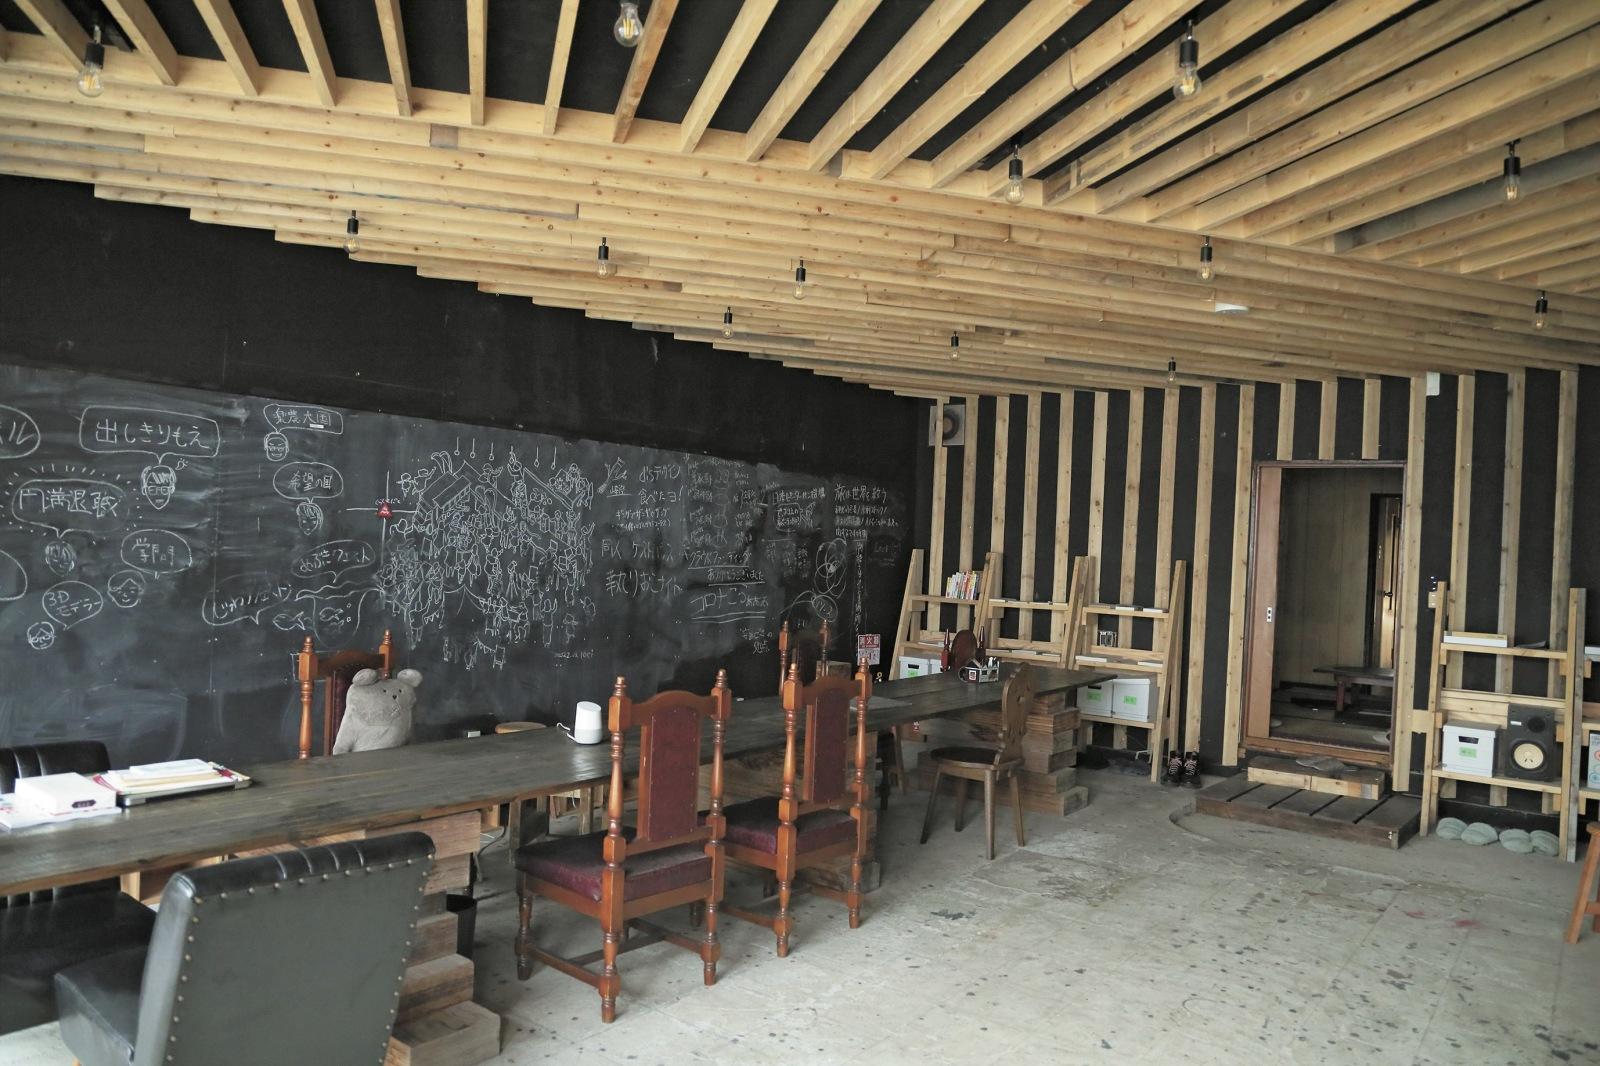 1階にある黒板には、今までに聞いた勉強会や話し合いの様子が残されている。